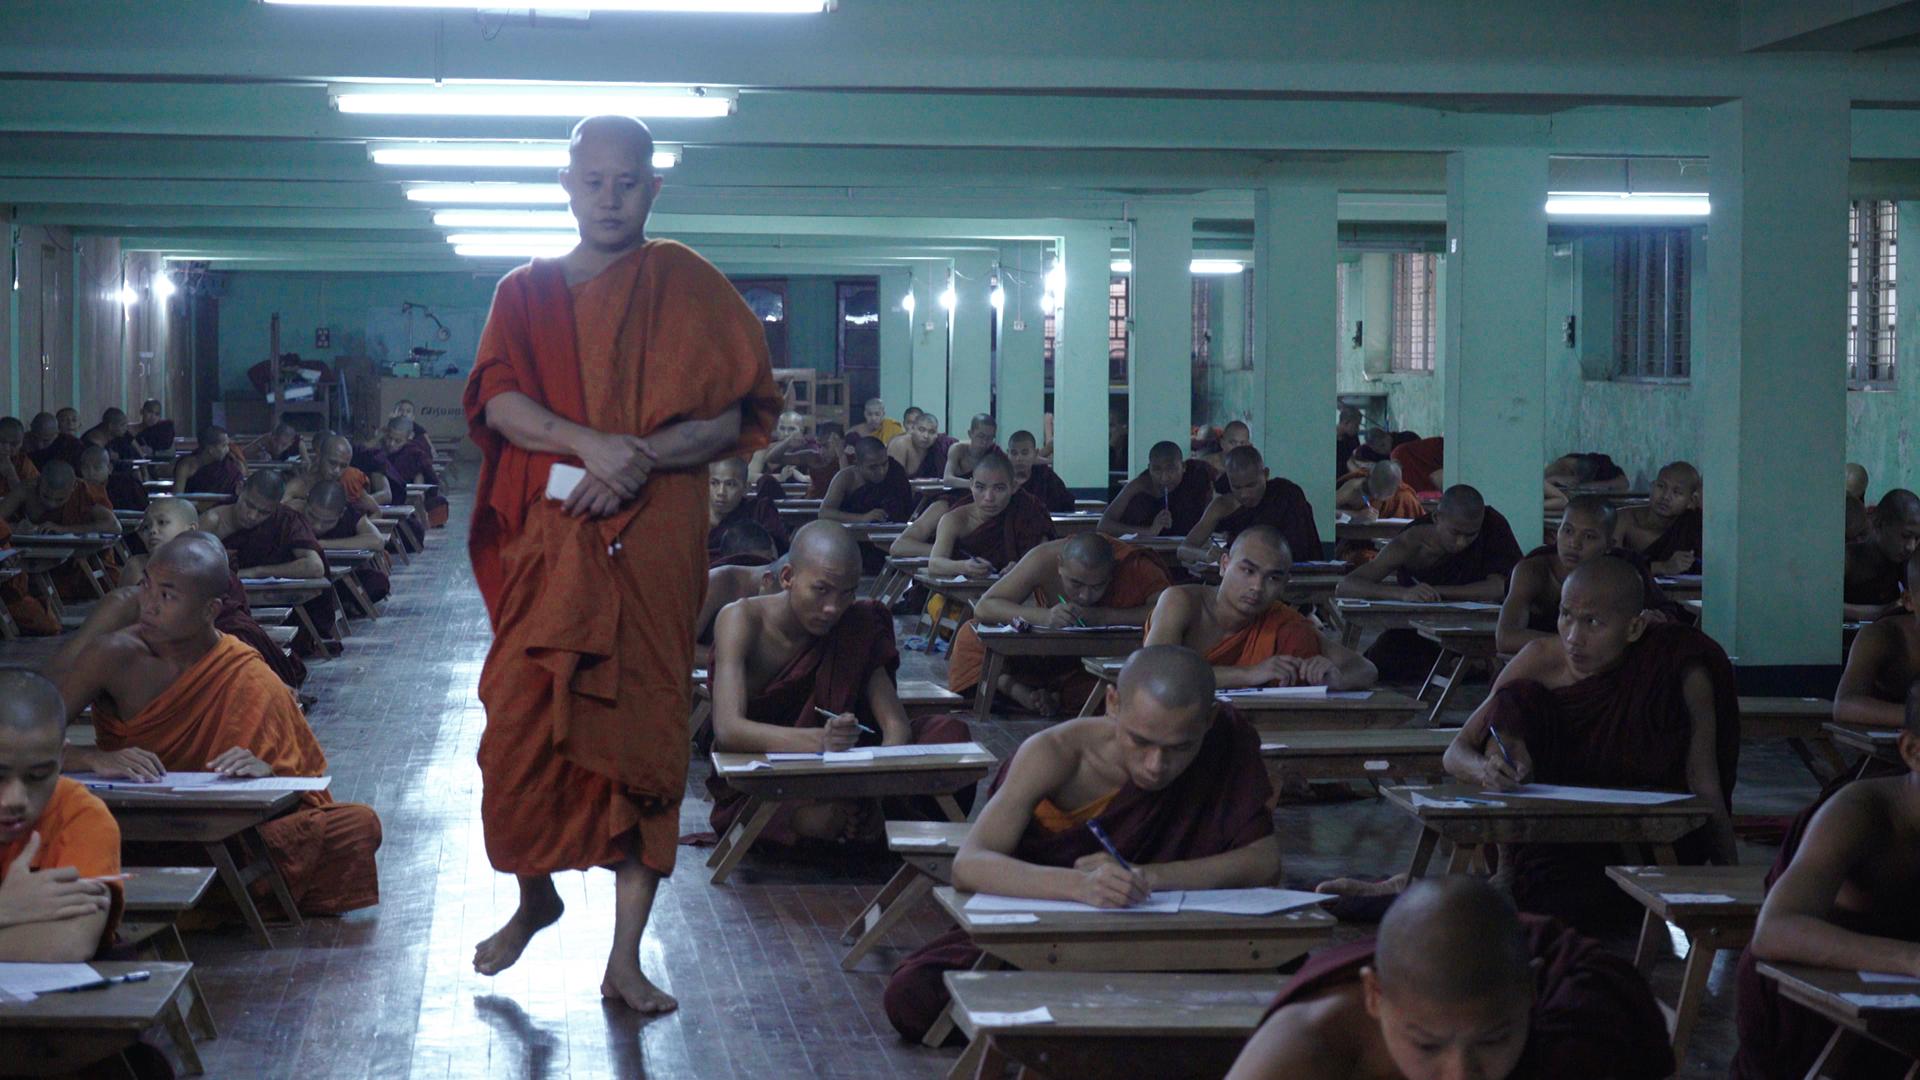 Le vénérable W. – Bouddhiste extrémiste